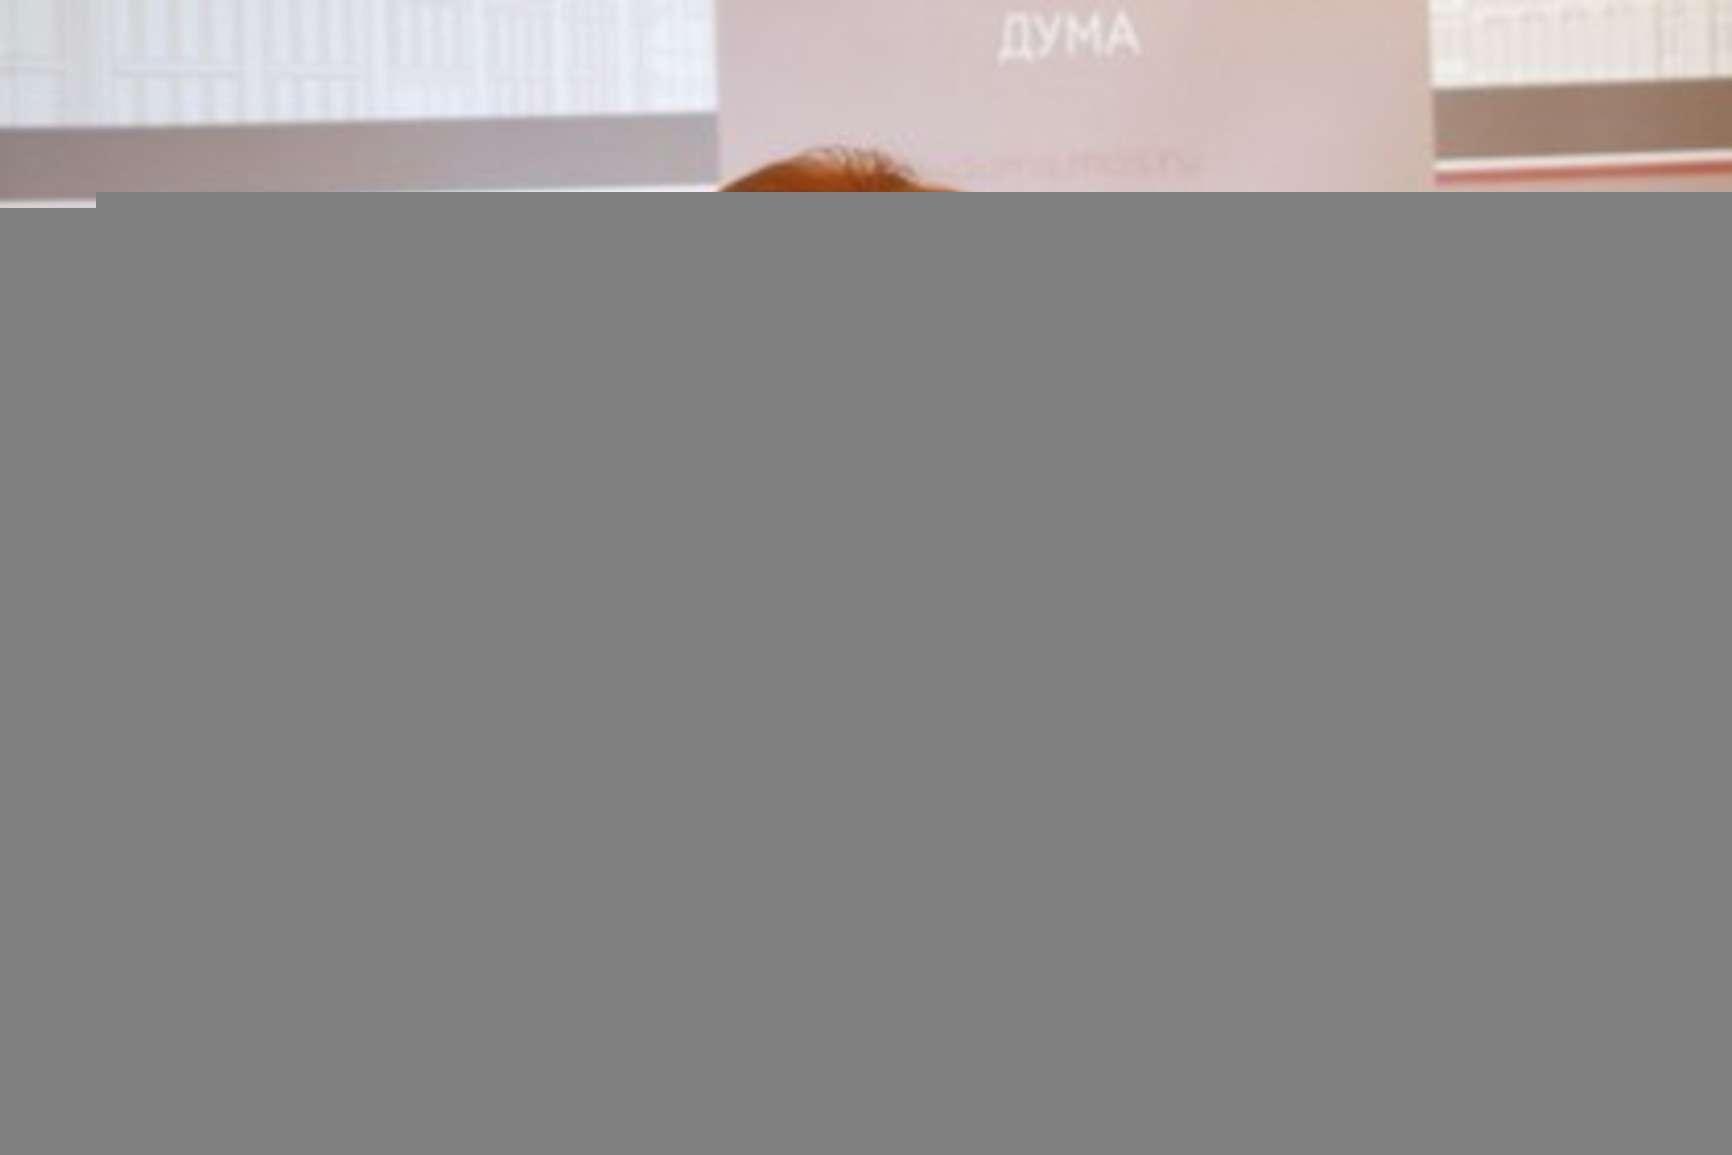 Депутат Мосгордумы Людмила Стебенкова. Фото — duma.mos.ru